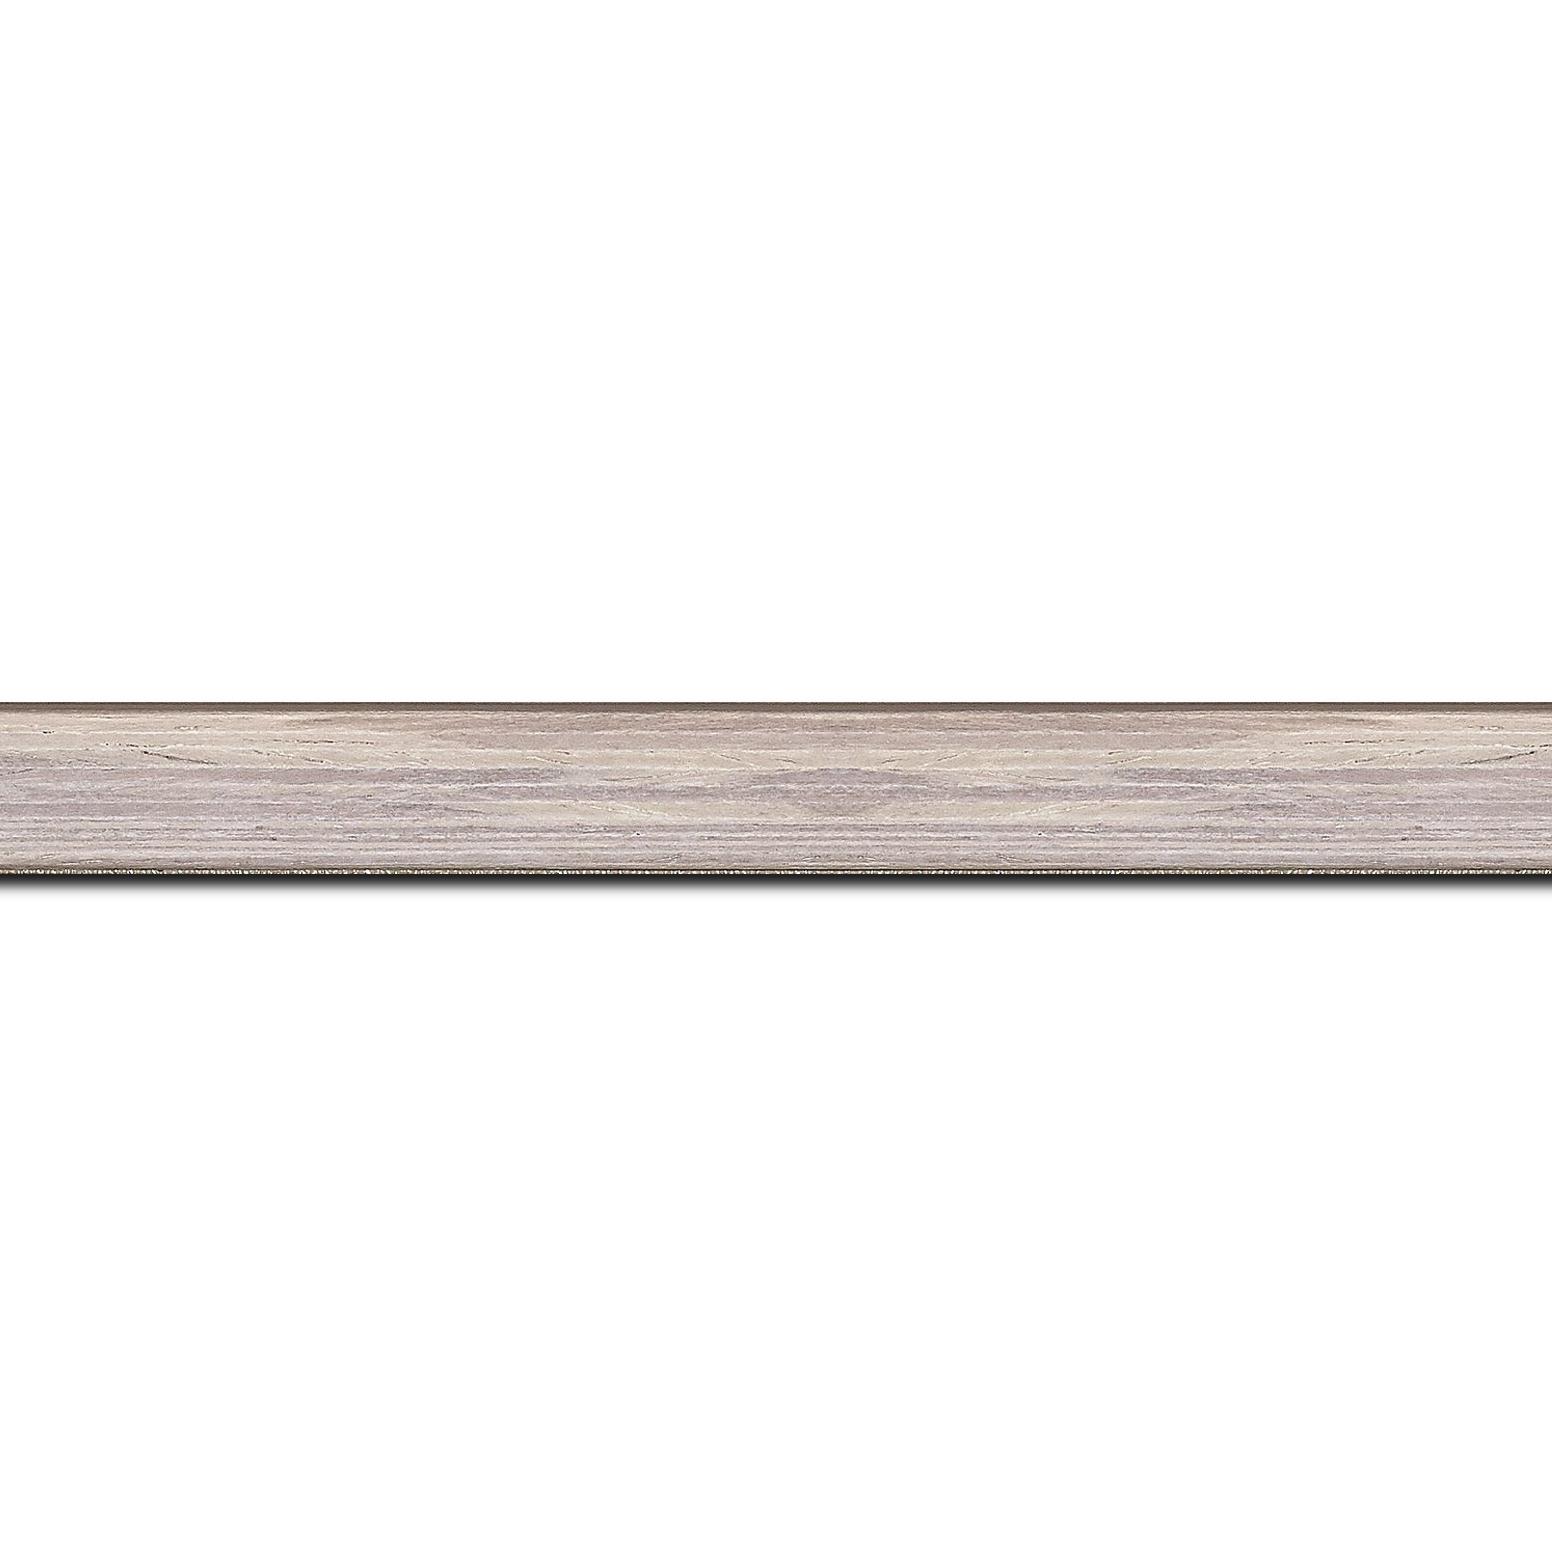 Baguette longueur 1.40m bois profil plat largeur 1.5cm  plaquage bois gris blanchi haut de gamme